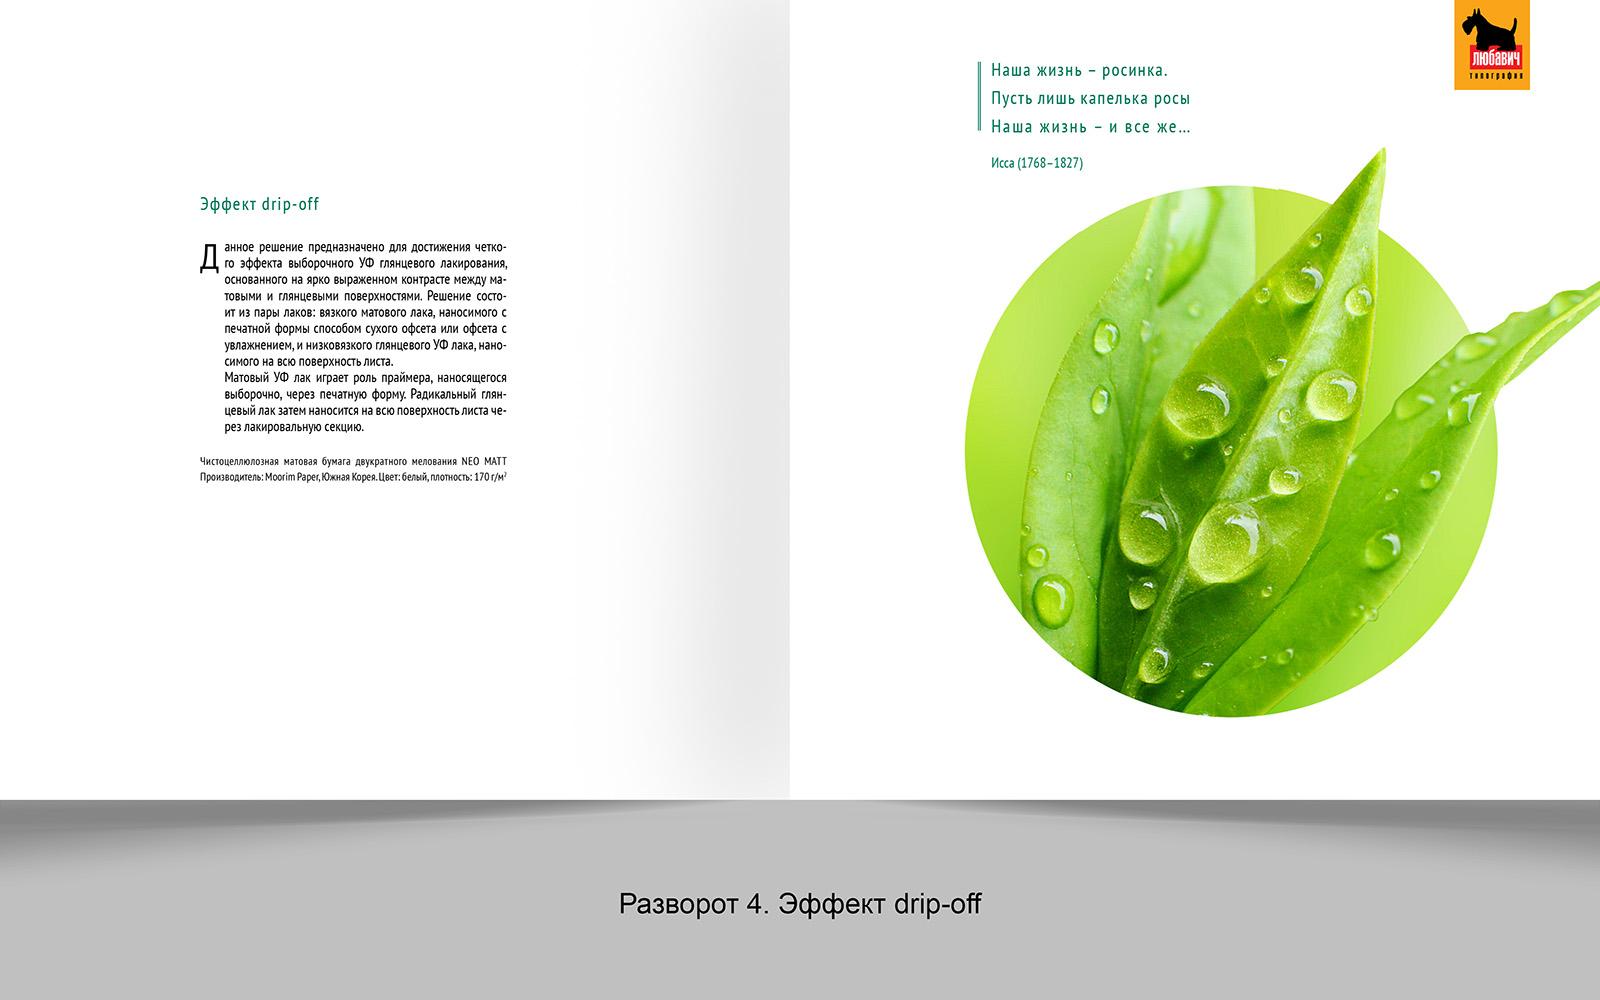 Дизайн рекламной брошюры возможностей типографии фото f_3685648d4ed2a47f.jpg